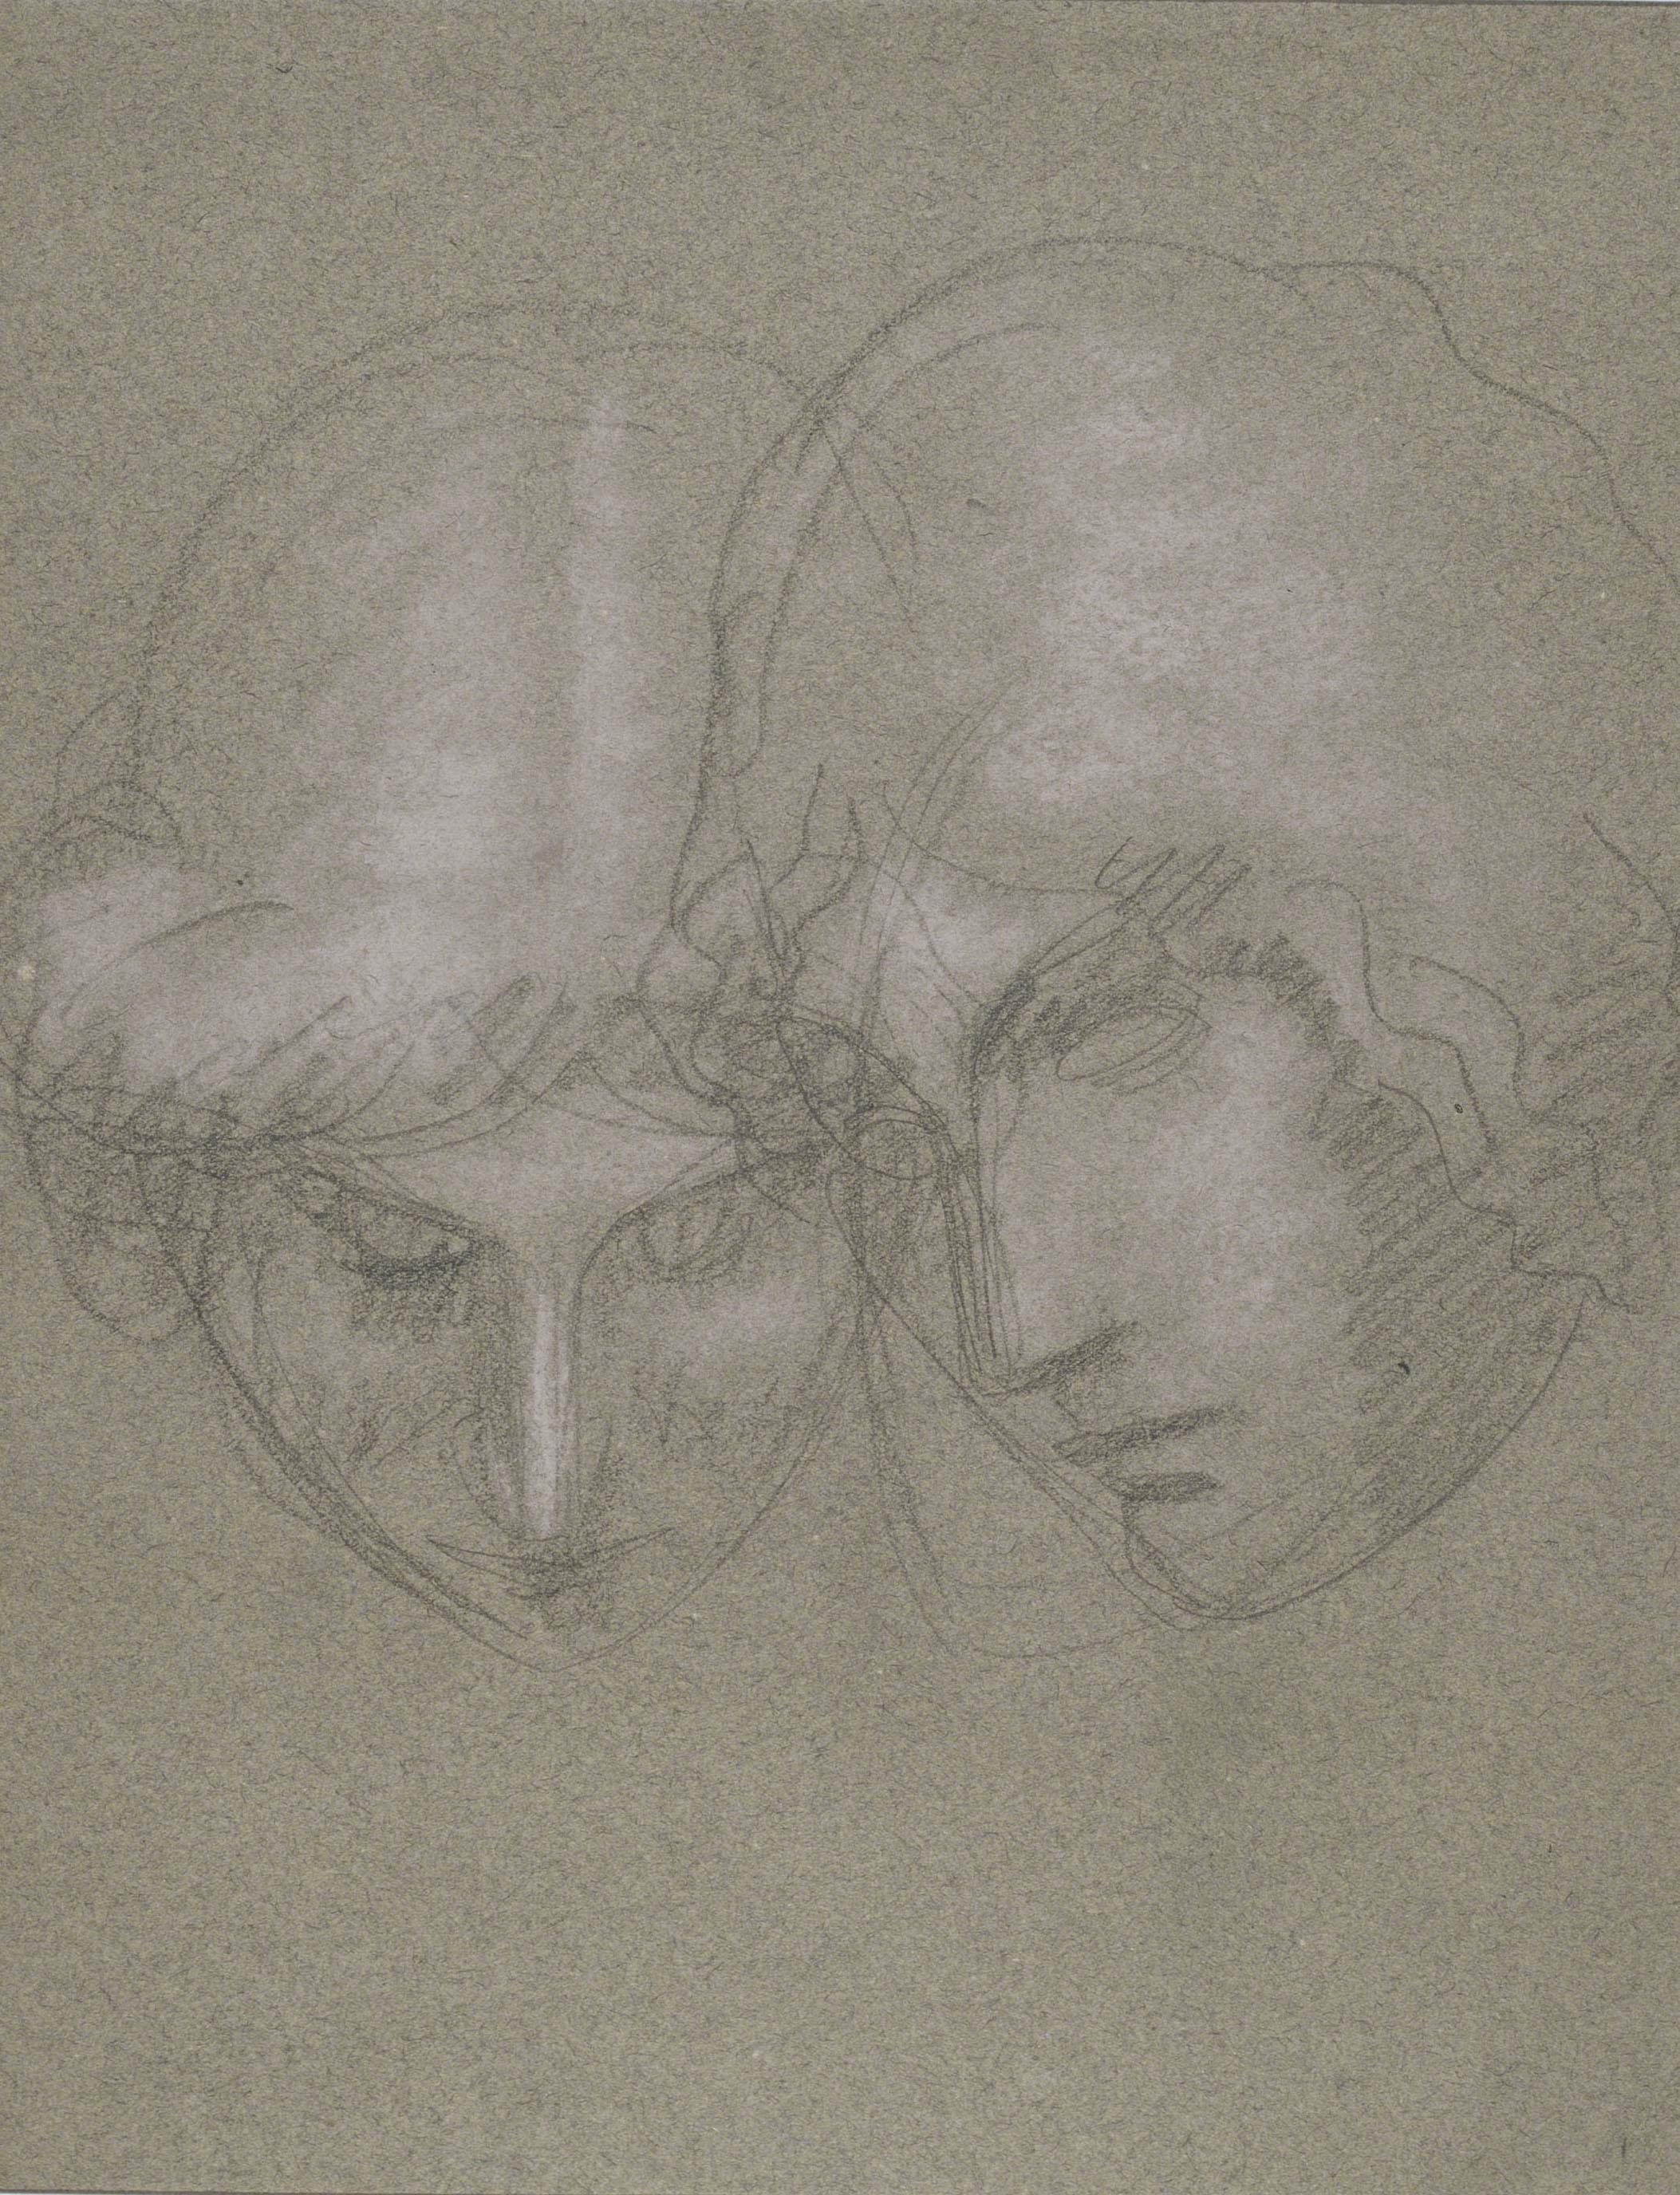 Juli González - Pilar i Lola núm. 2 (Pilar et Lola nº 2) - Cap a 1914-1918